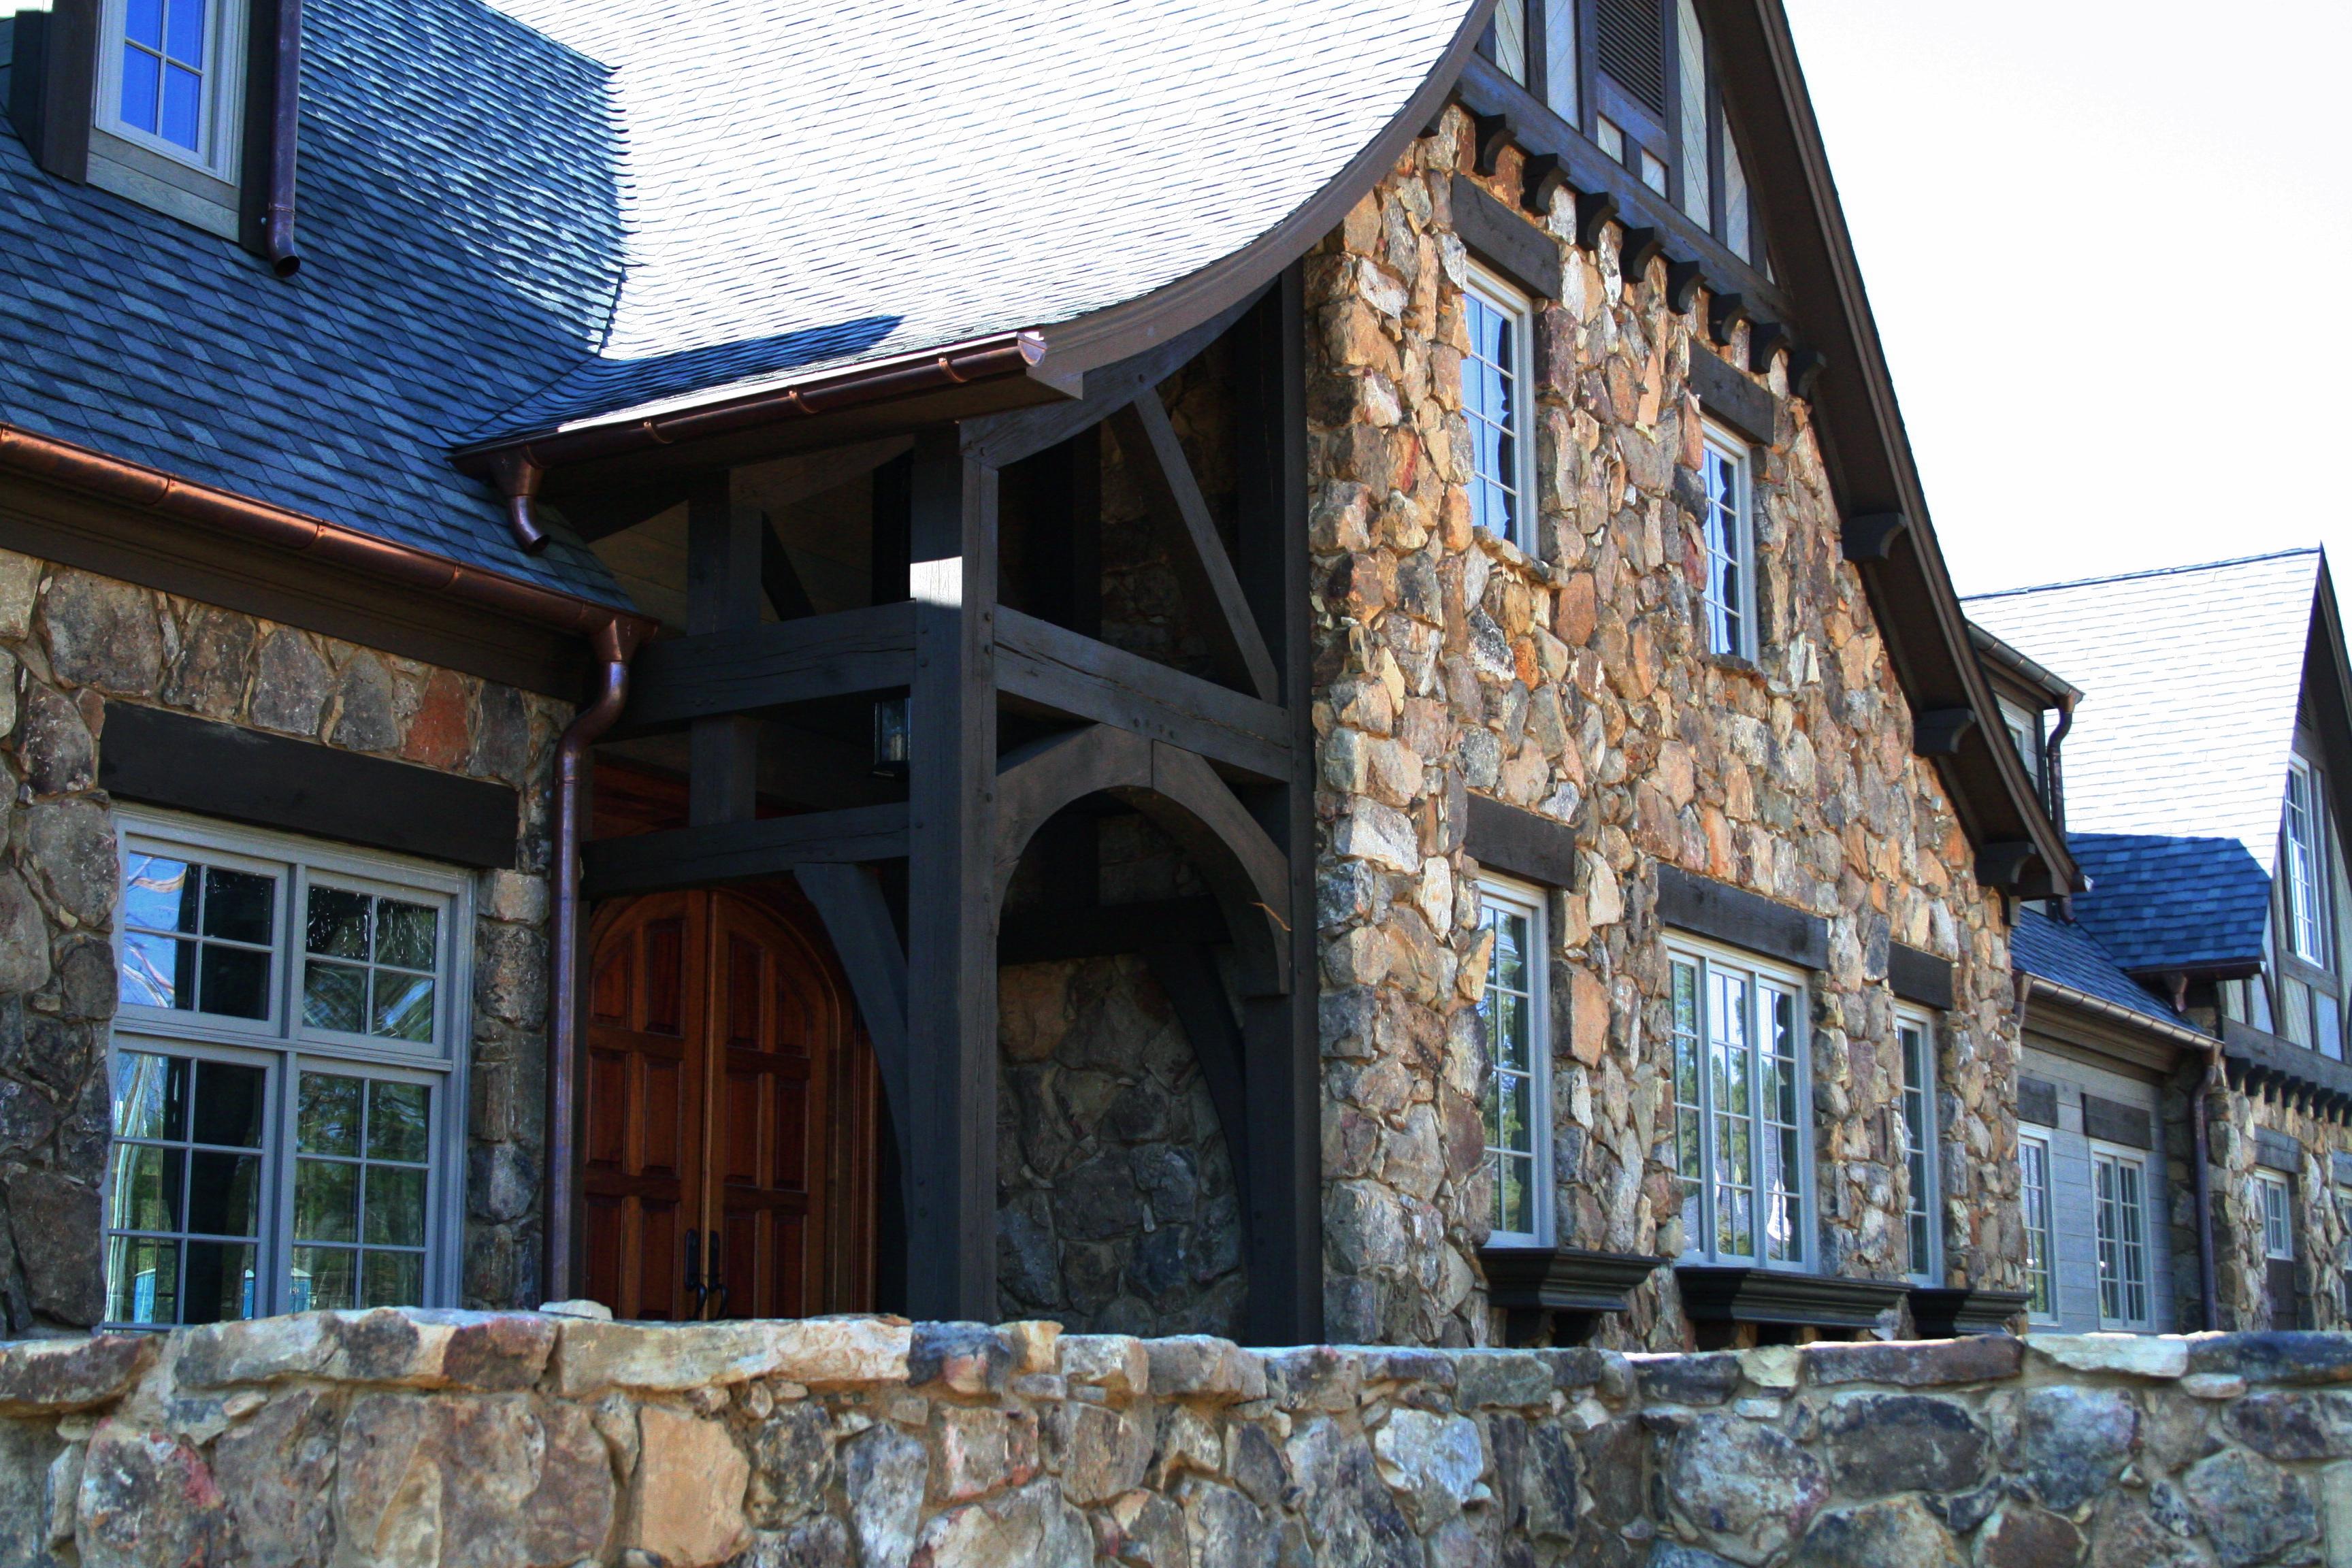 Hurst Residence